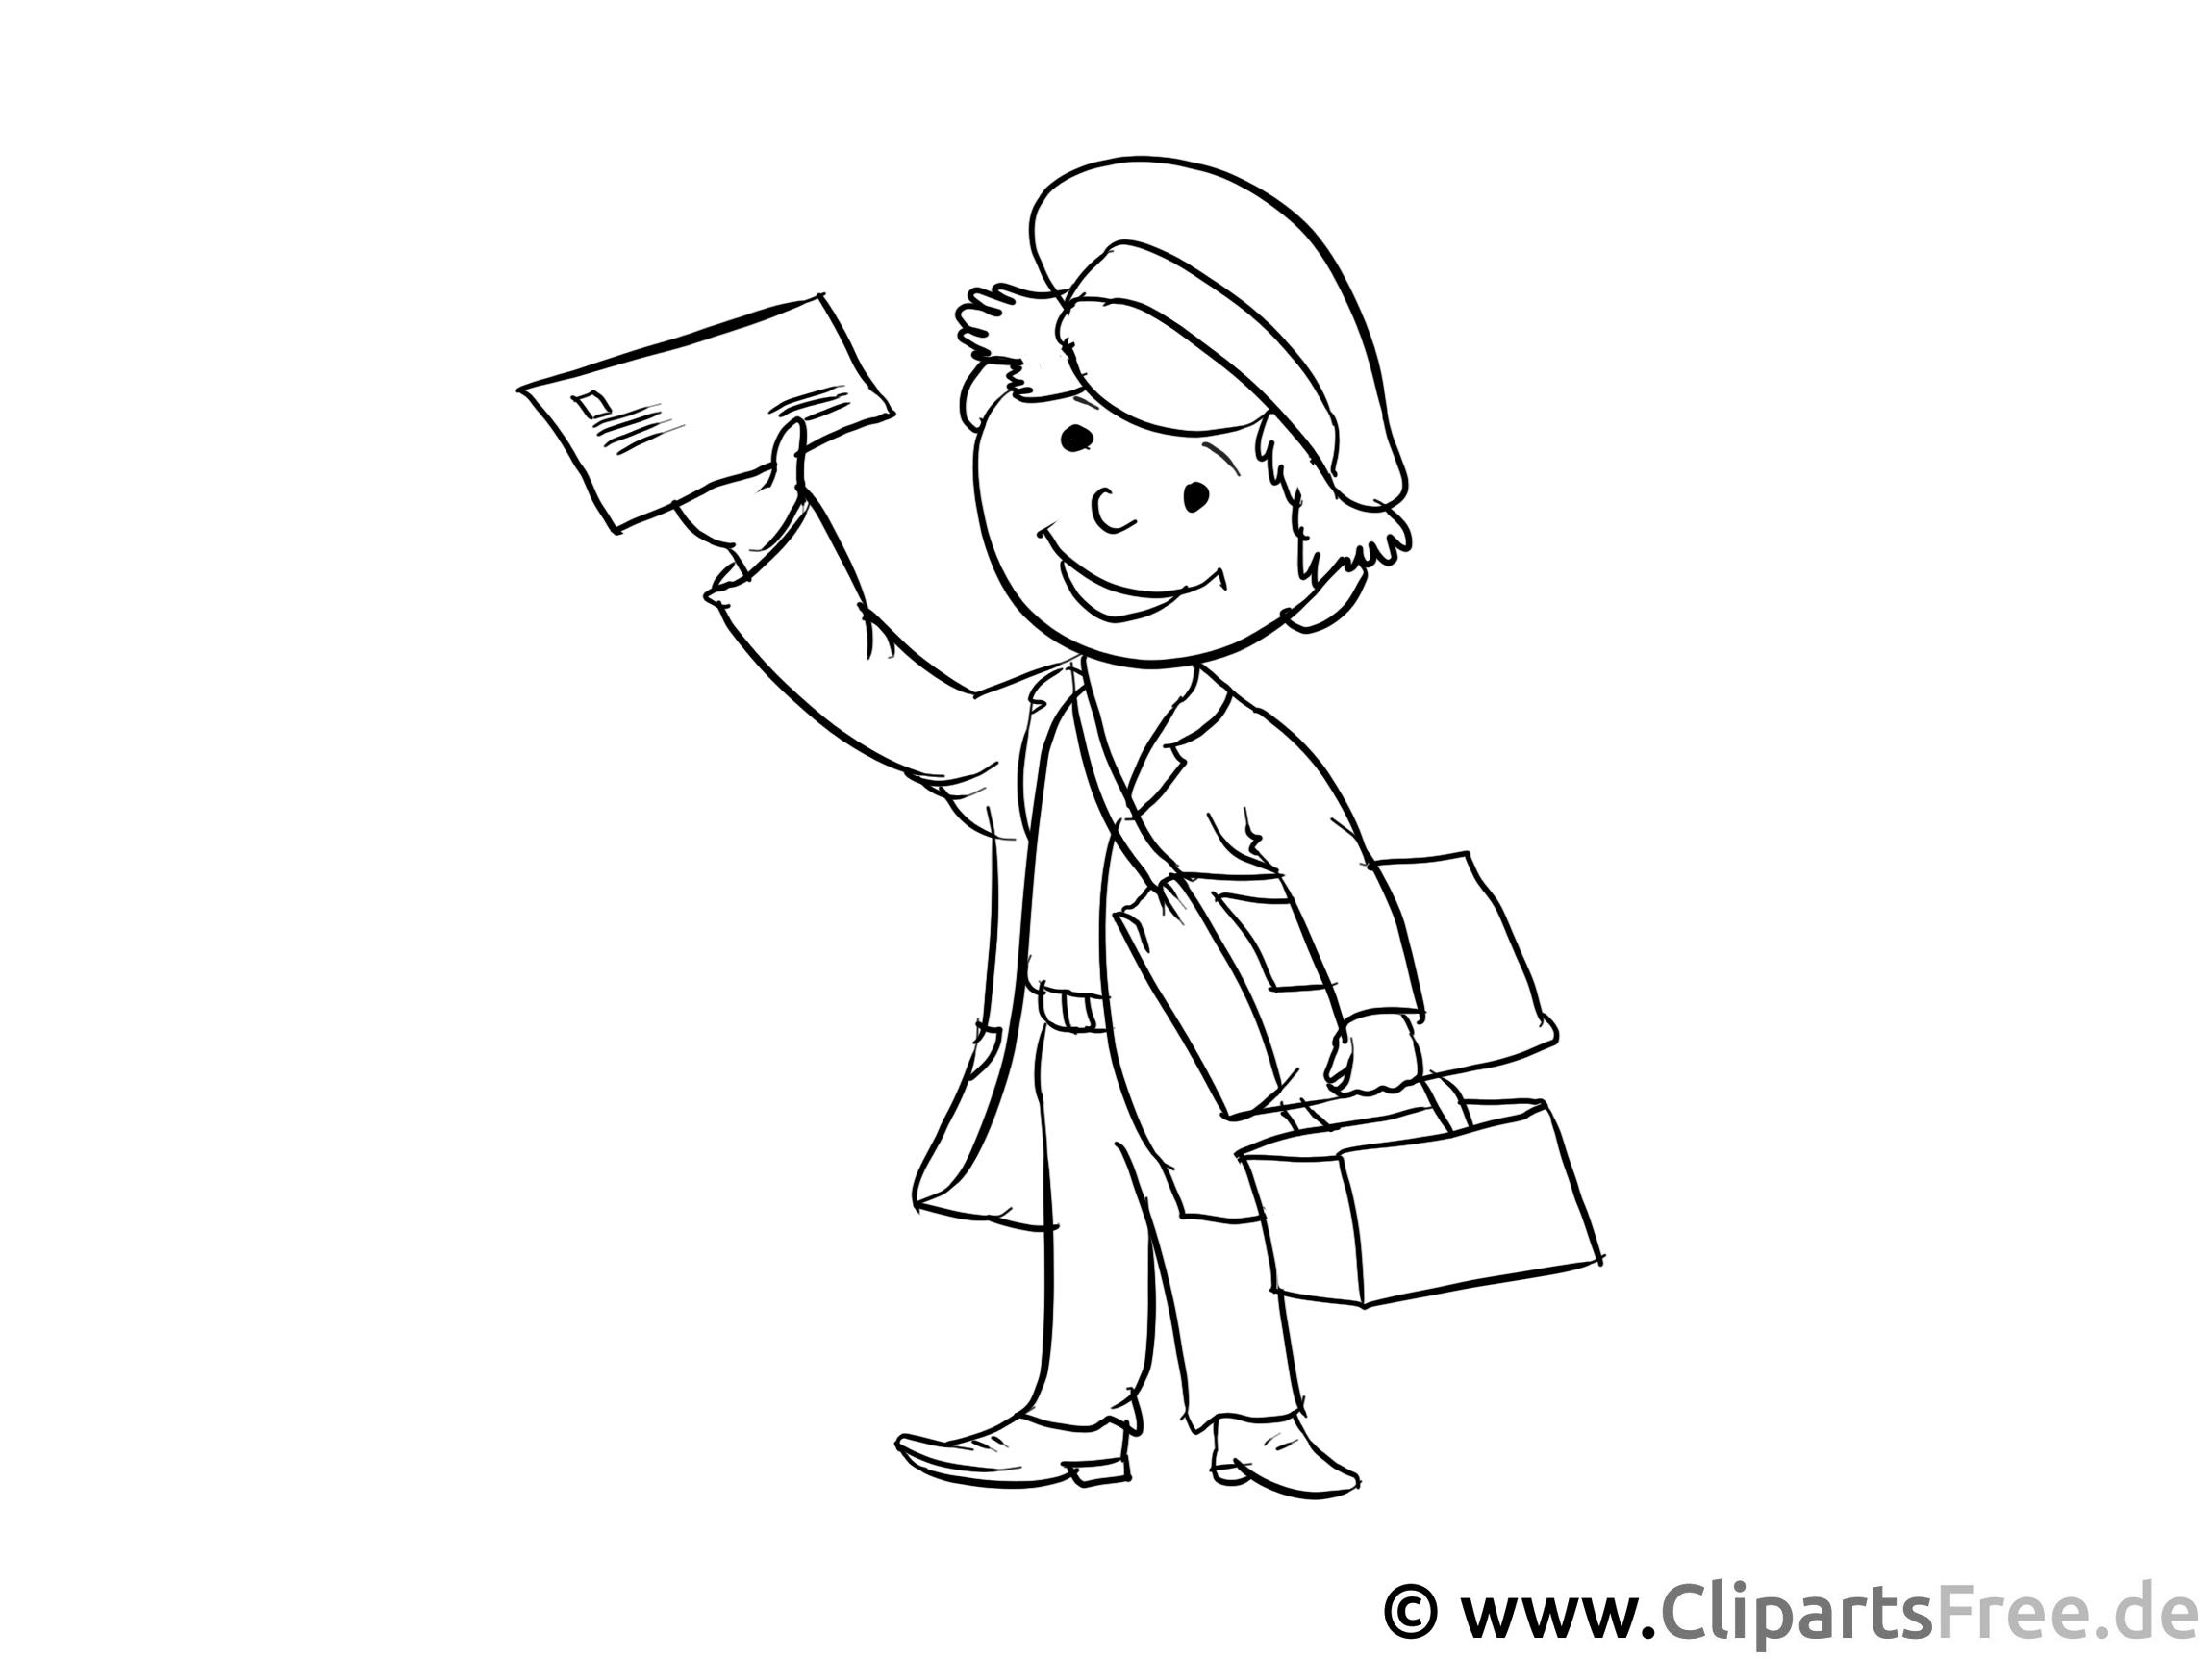 Postträger Malvorlage - Arbeitsblätter und Malvorlagen Berufe